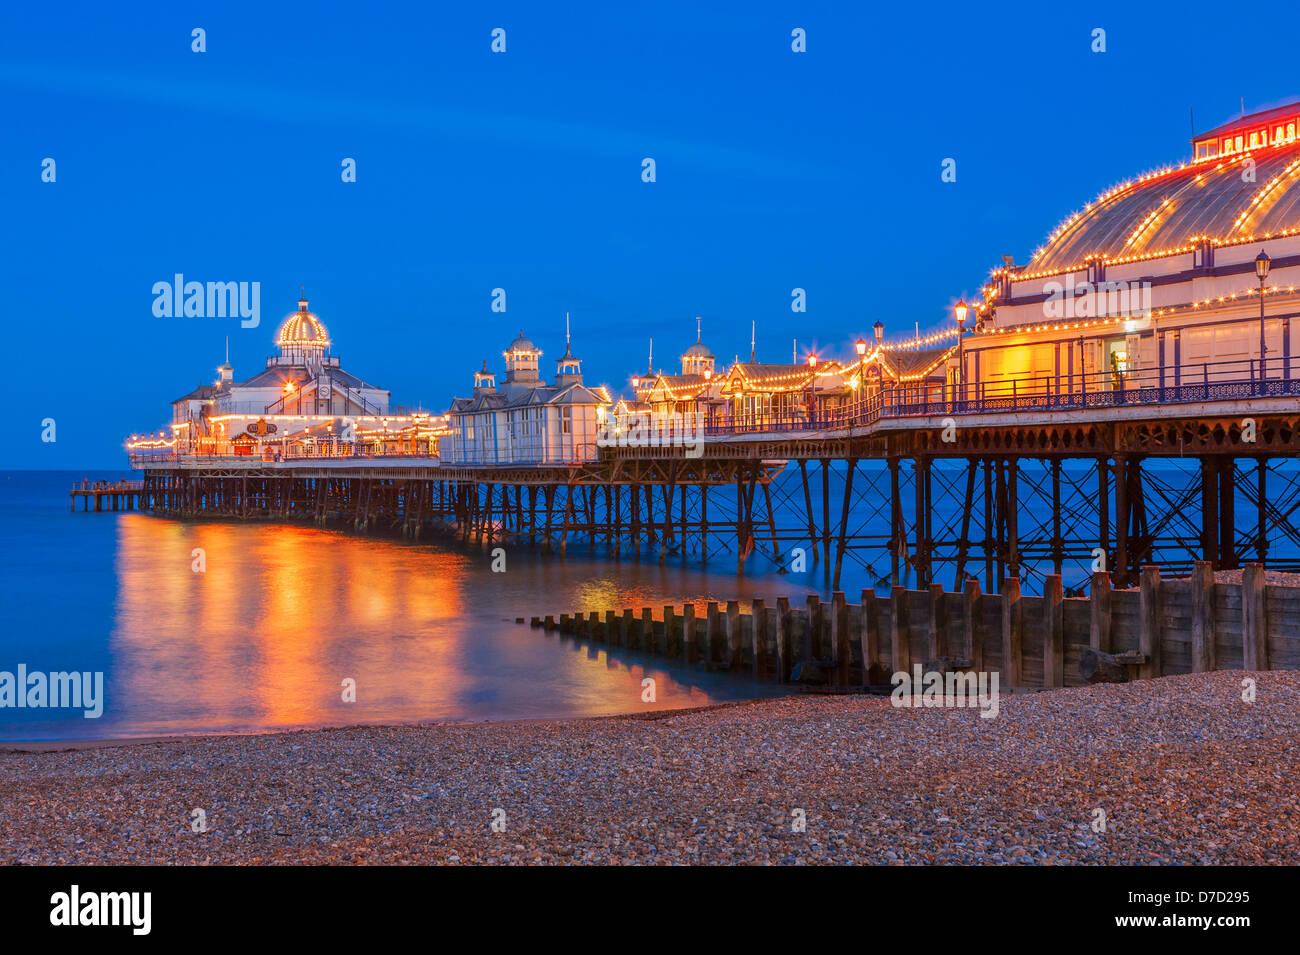 La jetée d''Eastbourne allumé au crépuscule Photo Stock